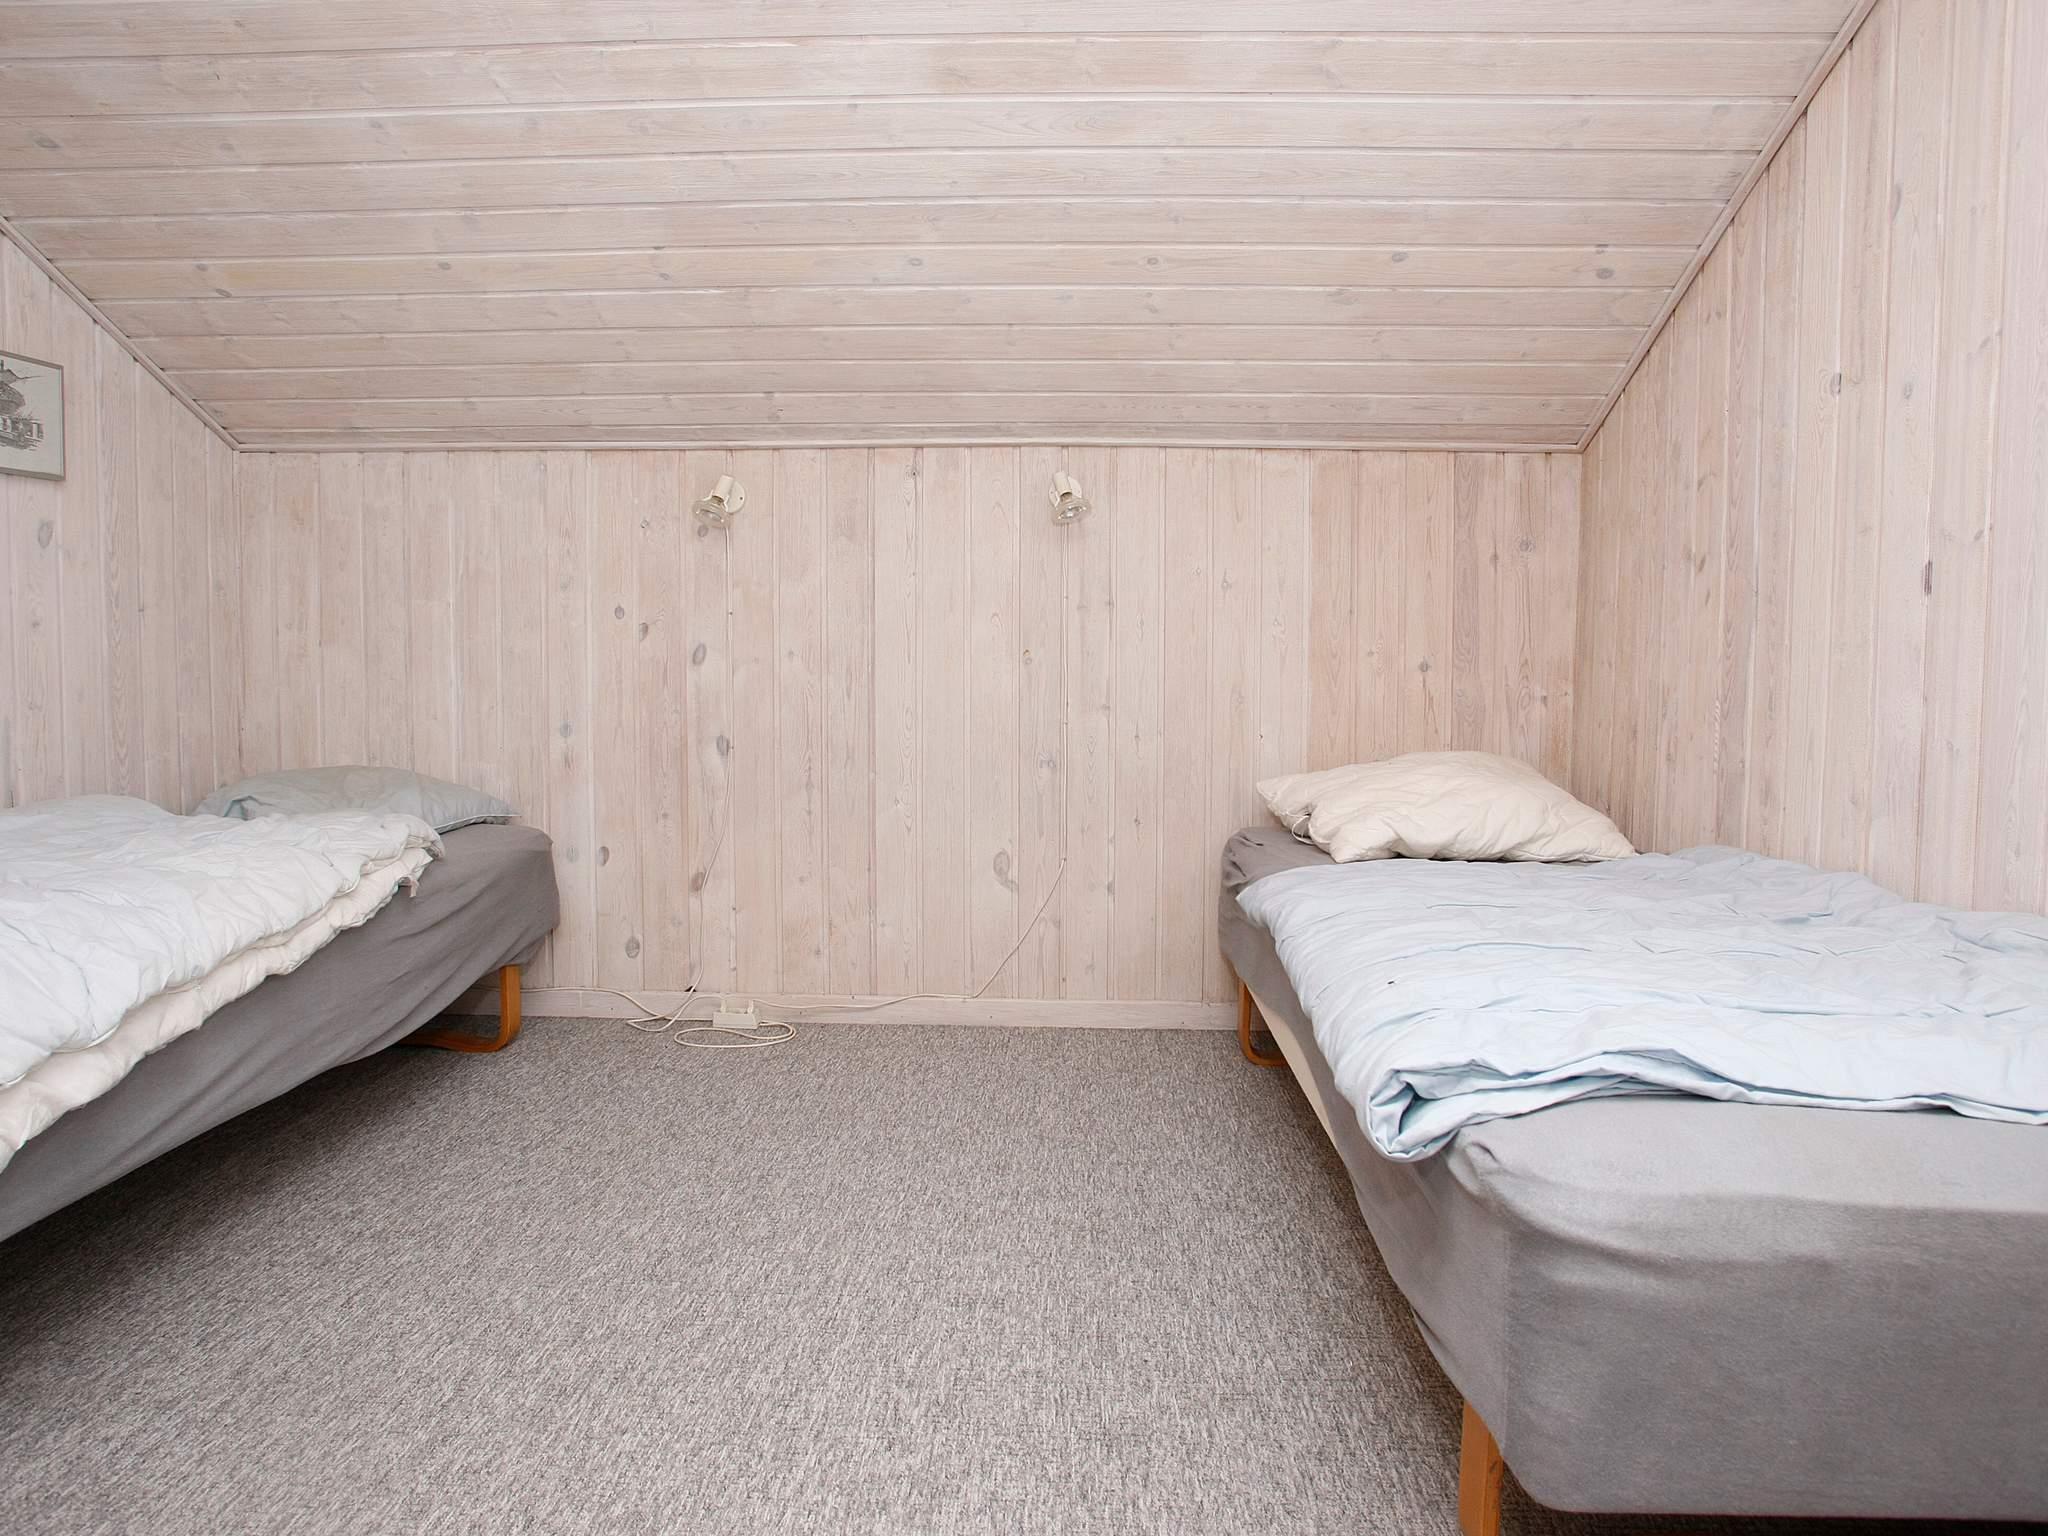 Ferienhaus Trend (81953), Løgstør, , Limfjord, Dänemark, Bild 8